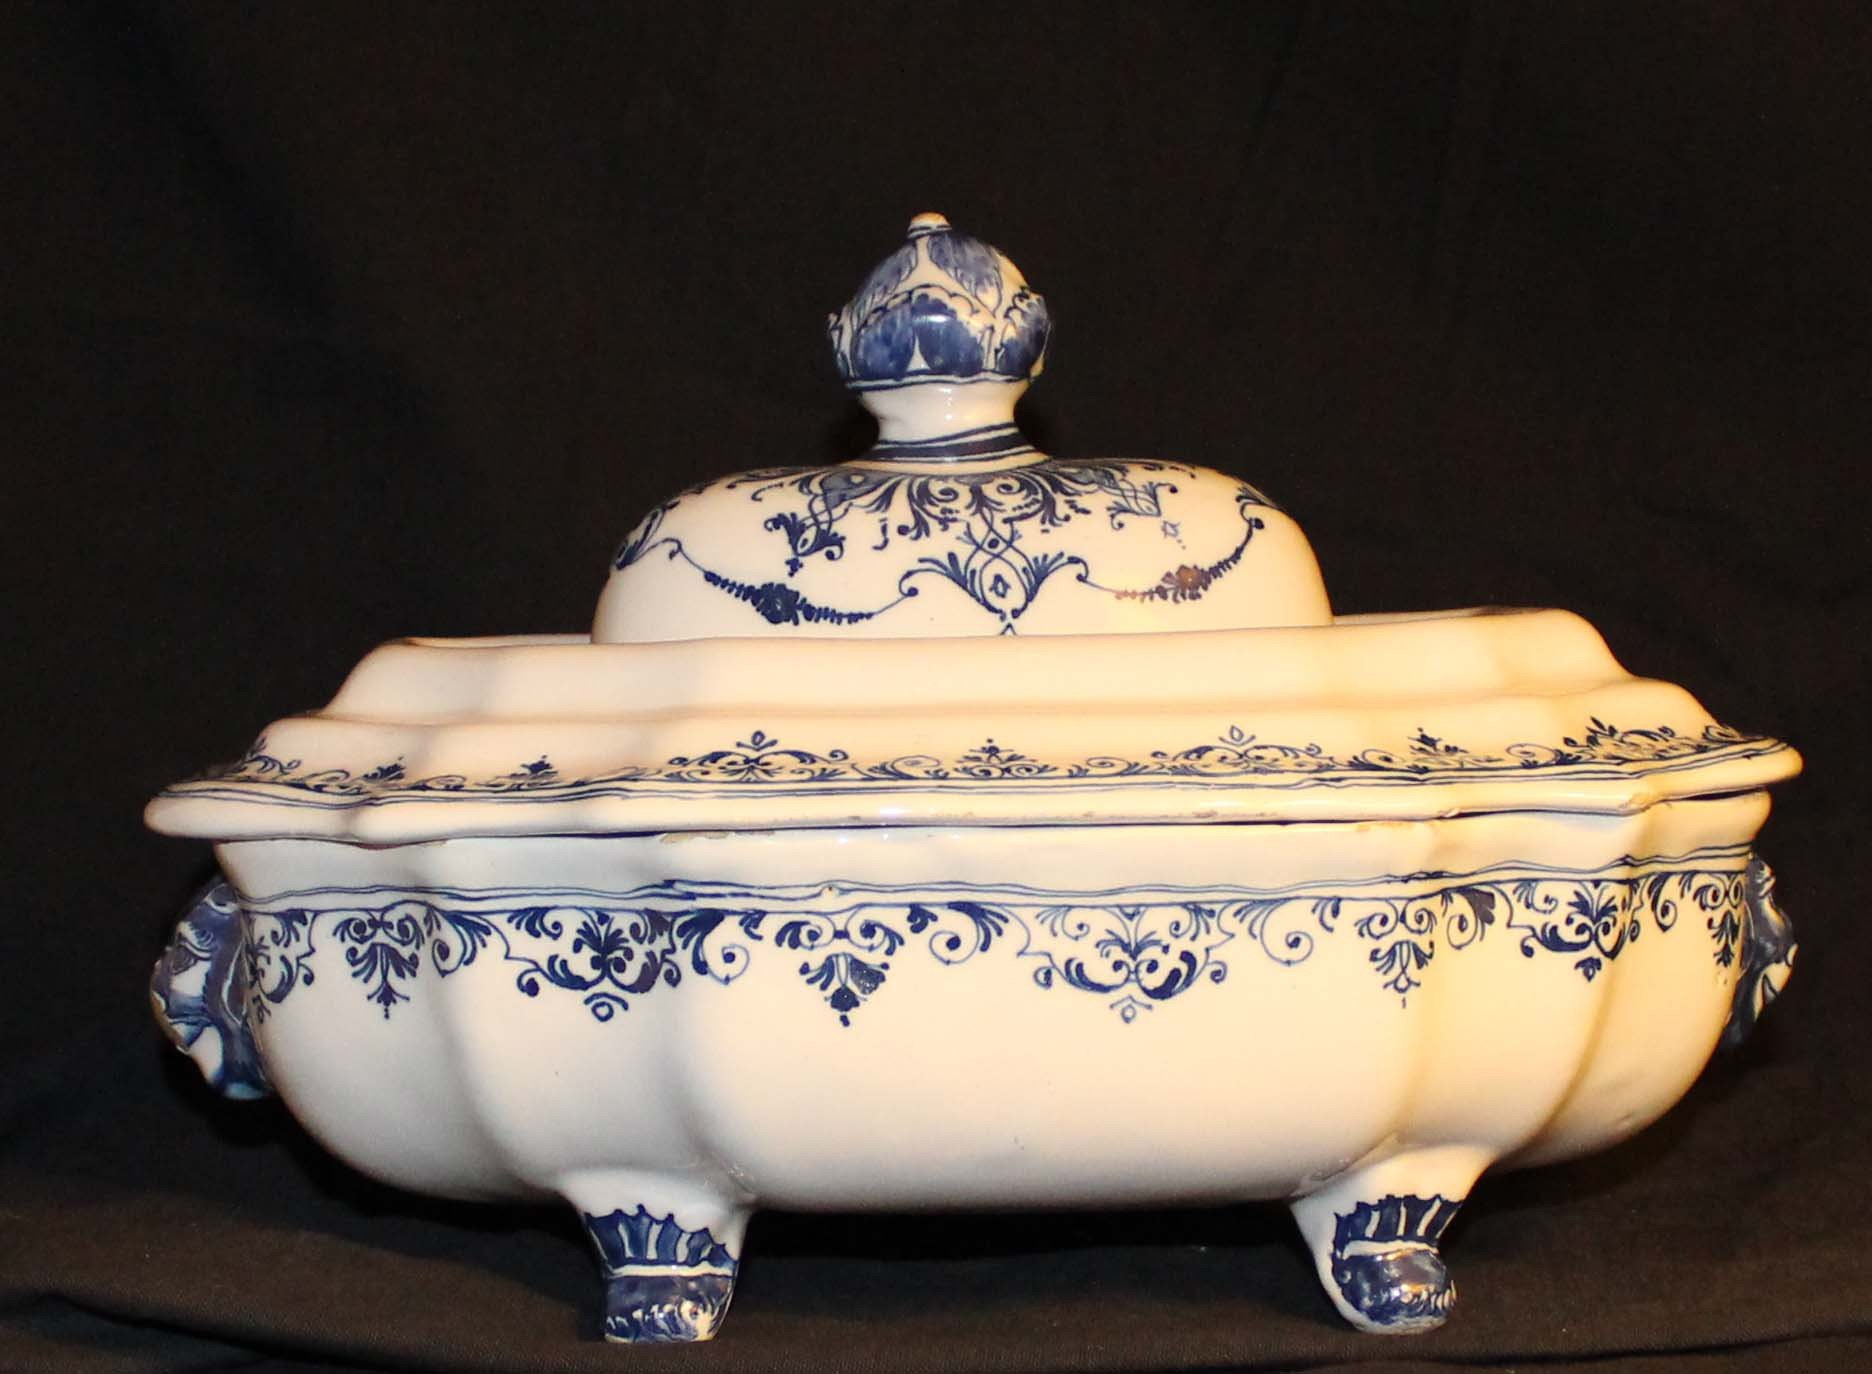 galerie-bosetti-antiquites Moustiers 18ème légumier camaïeu bleu vue pieds et fretel du couvercle